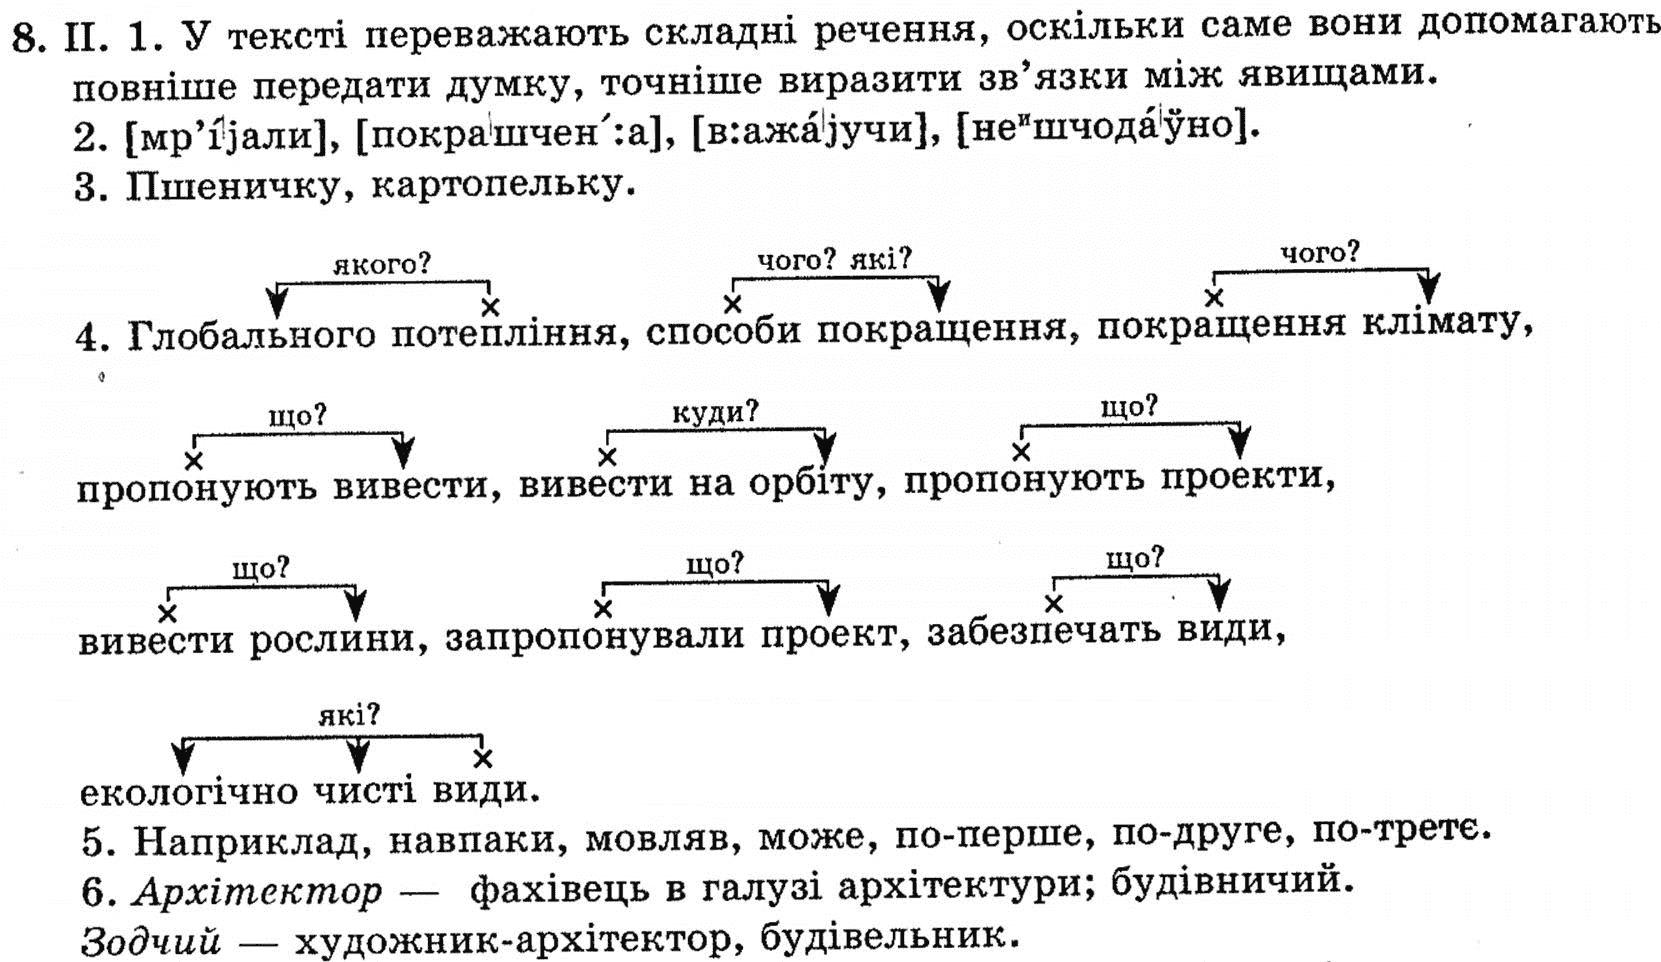 Гдз по укр мове 5 класс заболотный 2018